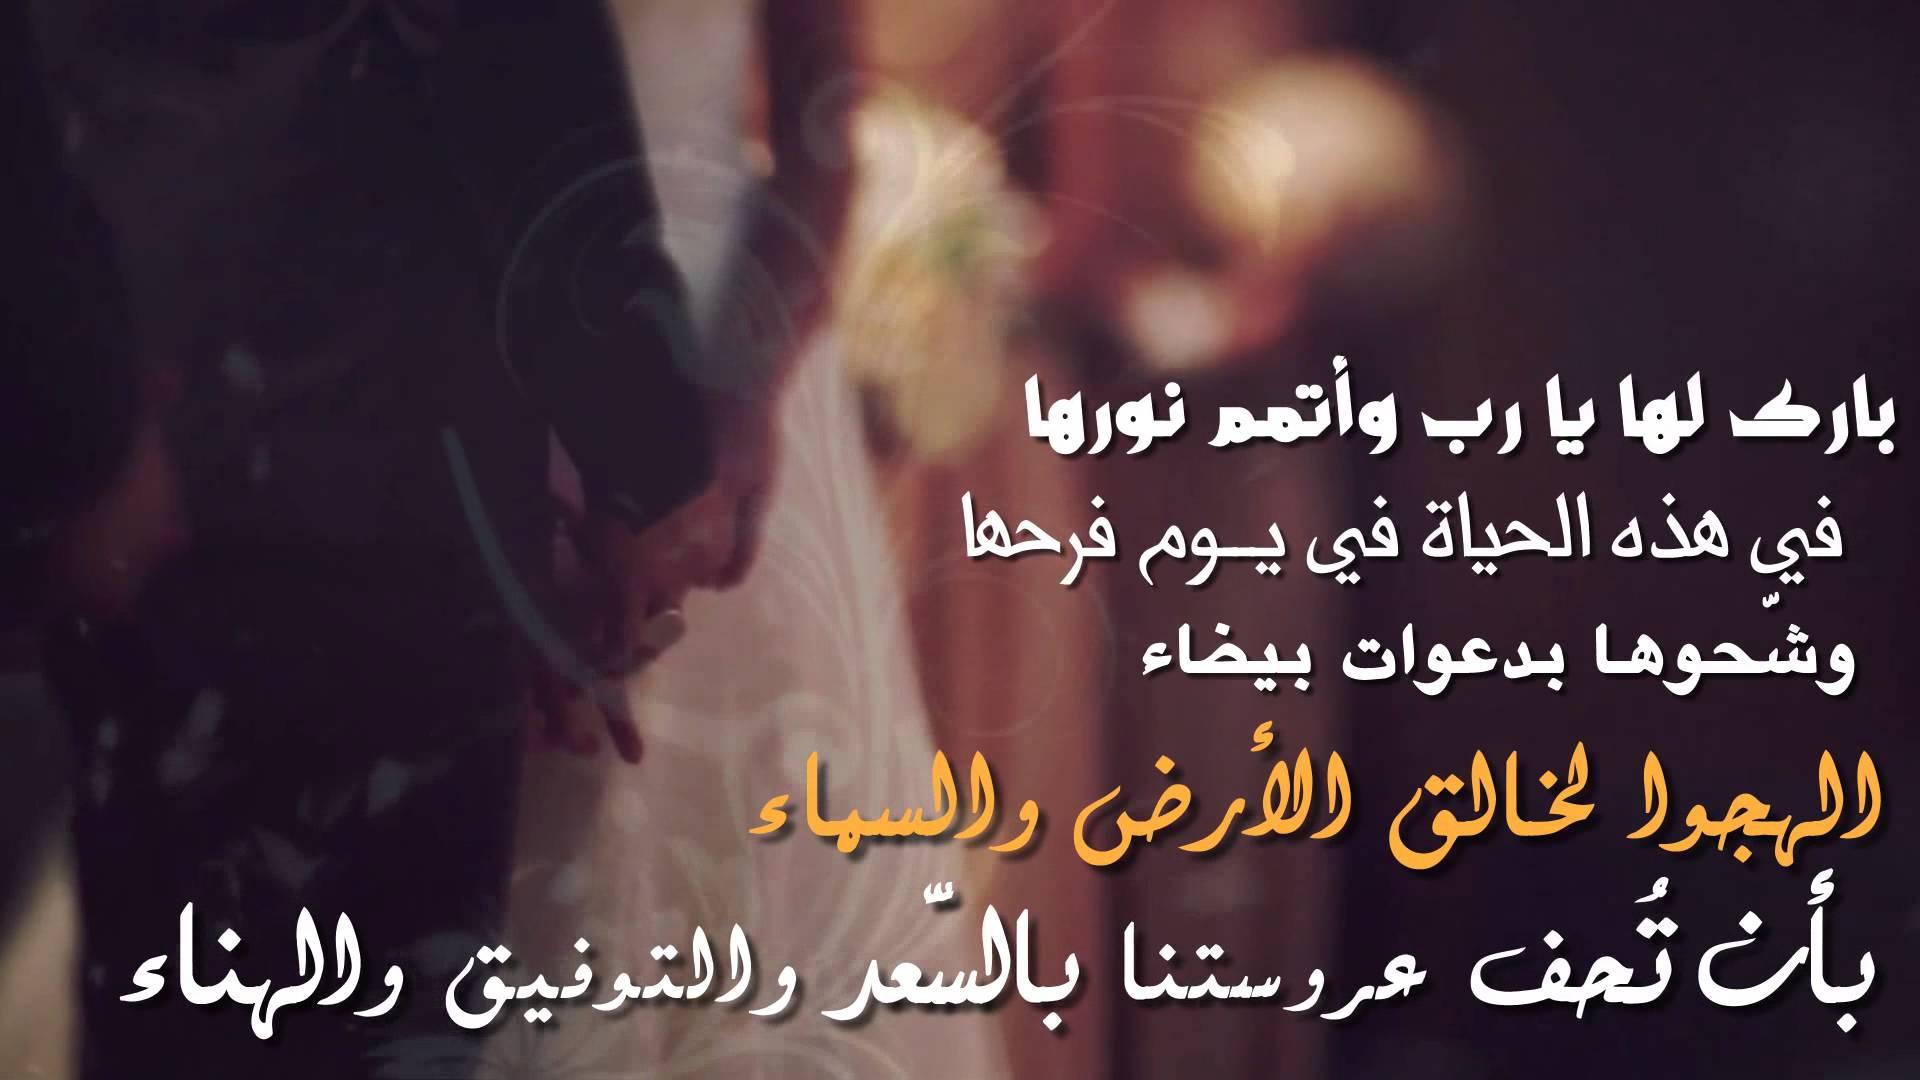 بالصور عبارات تهنئة للعروس من صديقتها , اجمل جمل تقال للعروس من صديقاتها 3530 2